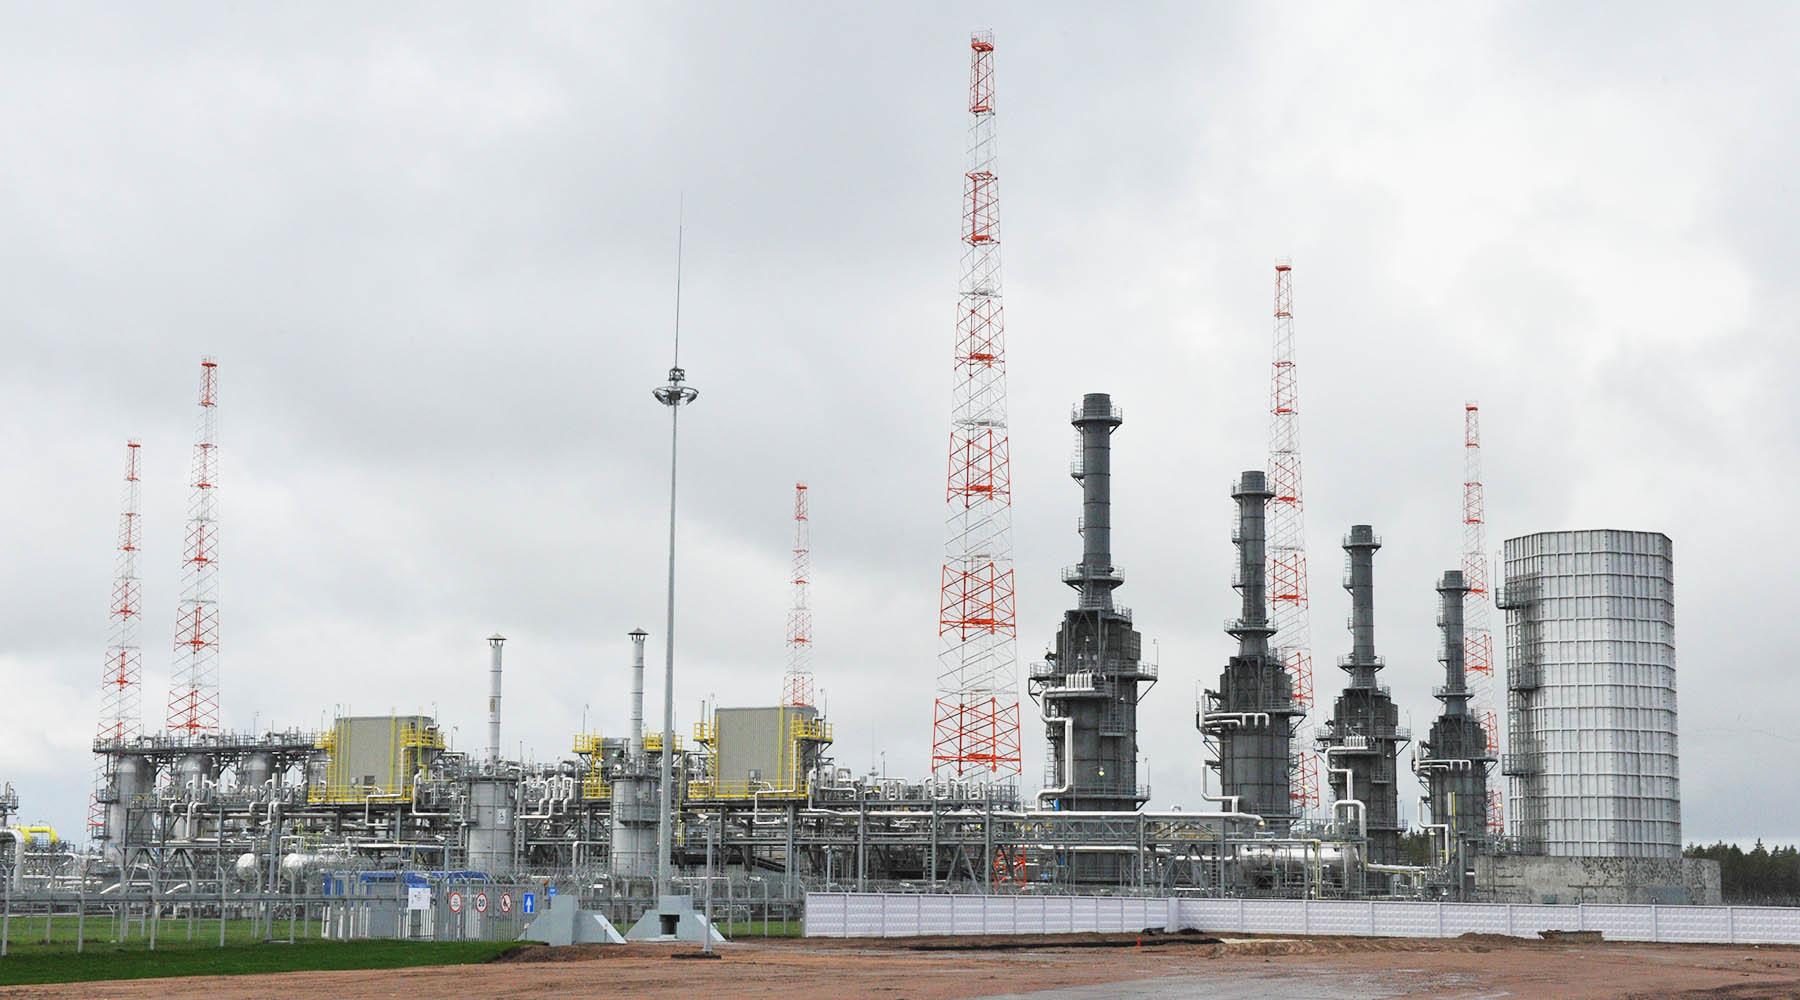 Аналитики S&P Global Ratings прогнозируют неопределённость на газовом рынке ЕС из-за новых санкций